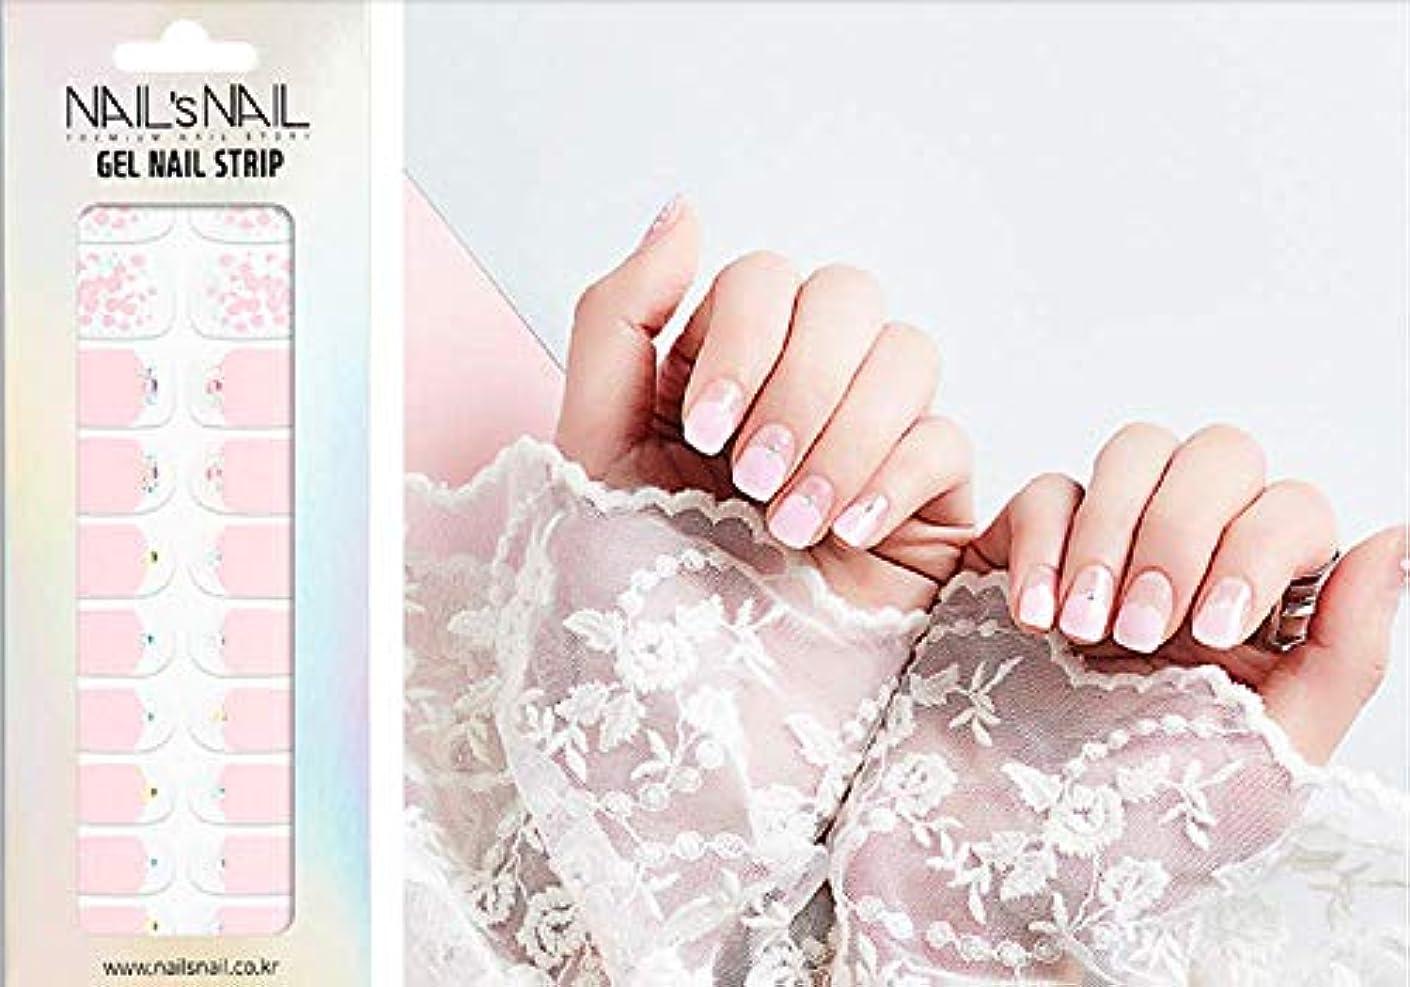 恐れる争い古風な\貼るジェルネイル/Nail's Nail(ネイルスネイル) ジェルネイルストリップ 55